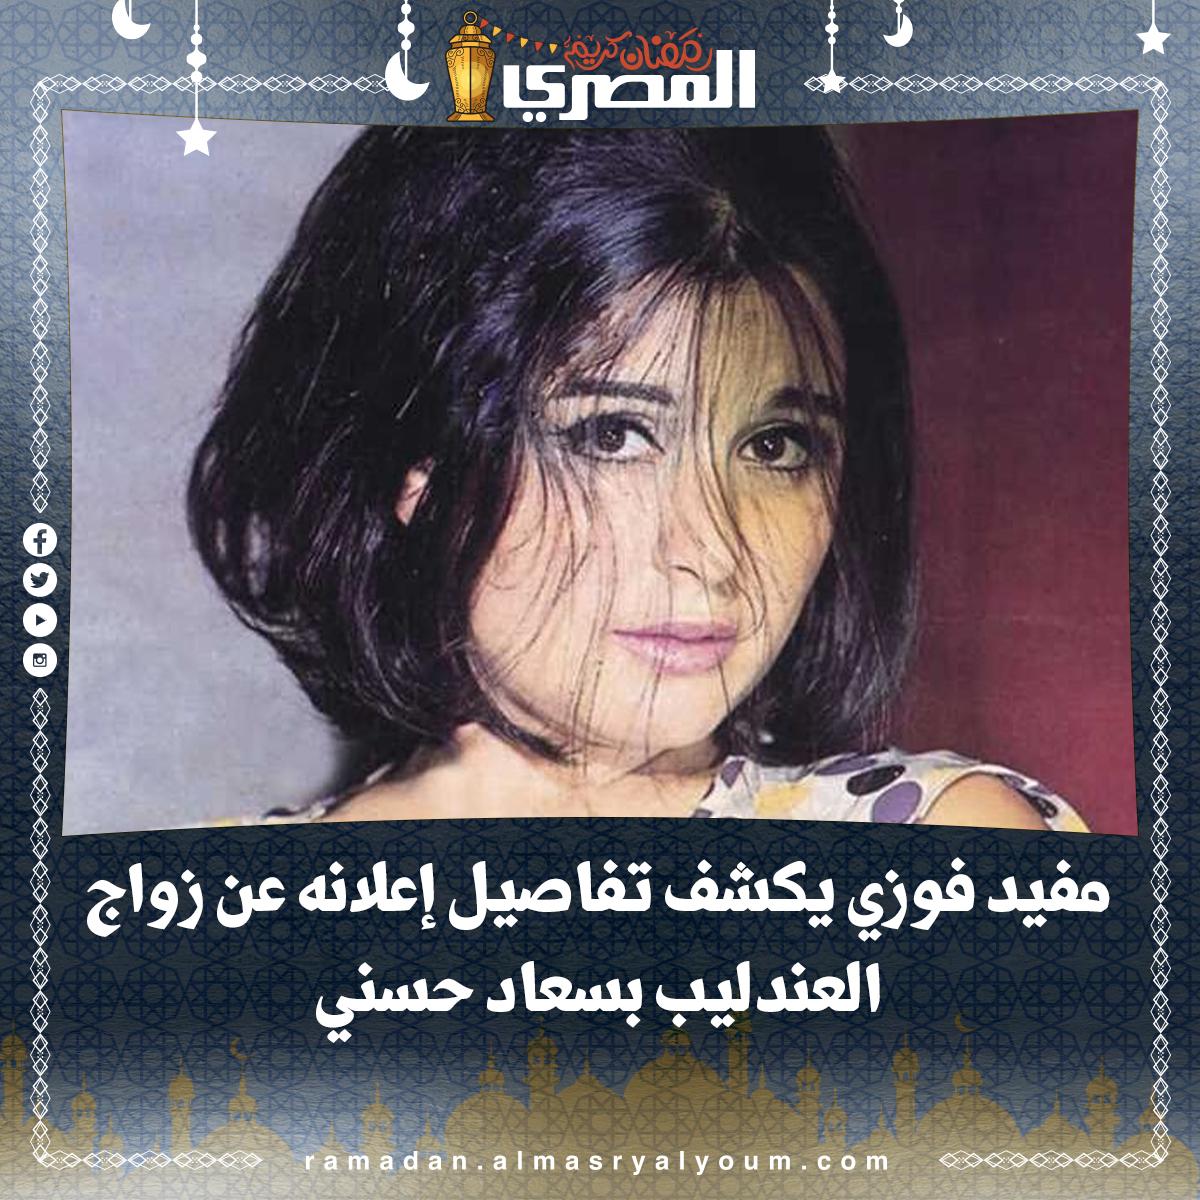 مفيد فوزي يكشف تفاصيل إعلانه عن زواج العندليب بـ سعاد حسني